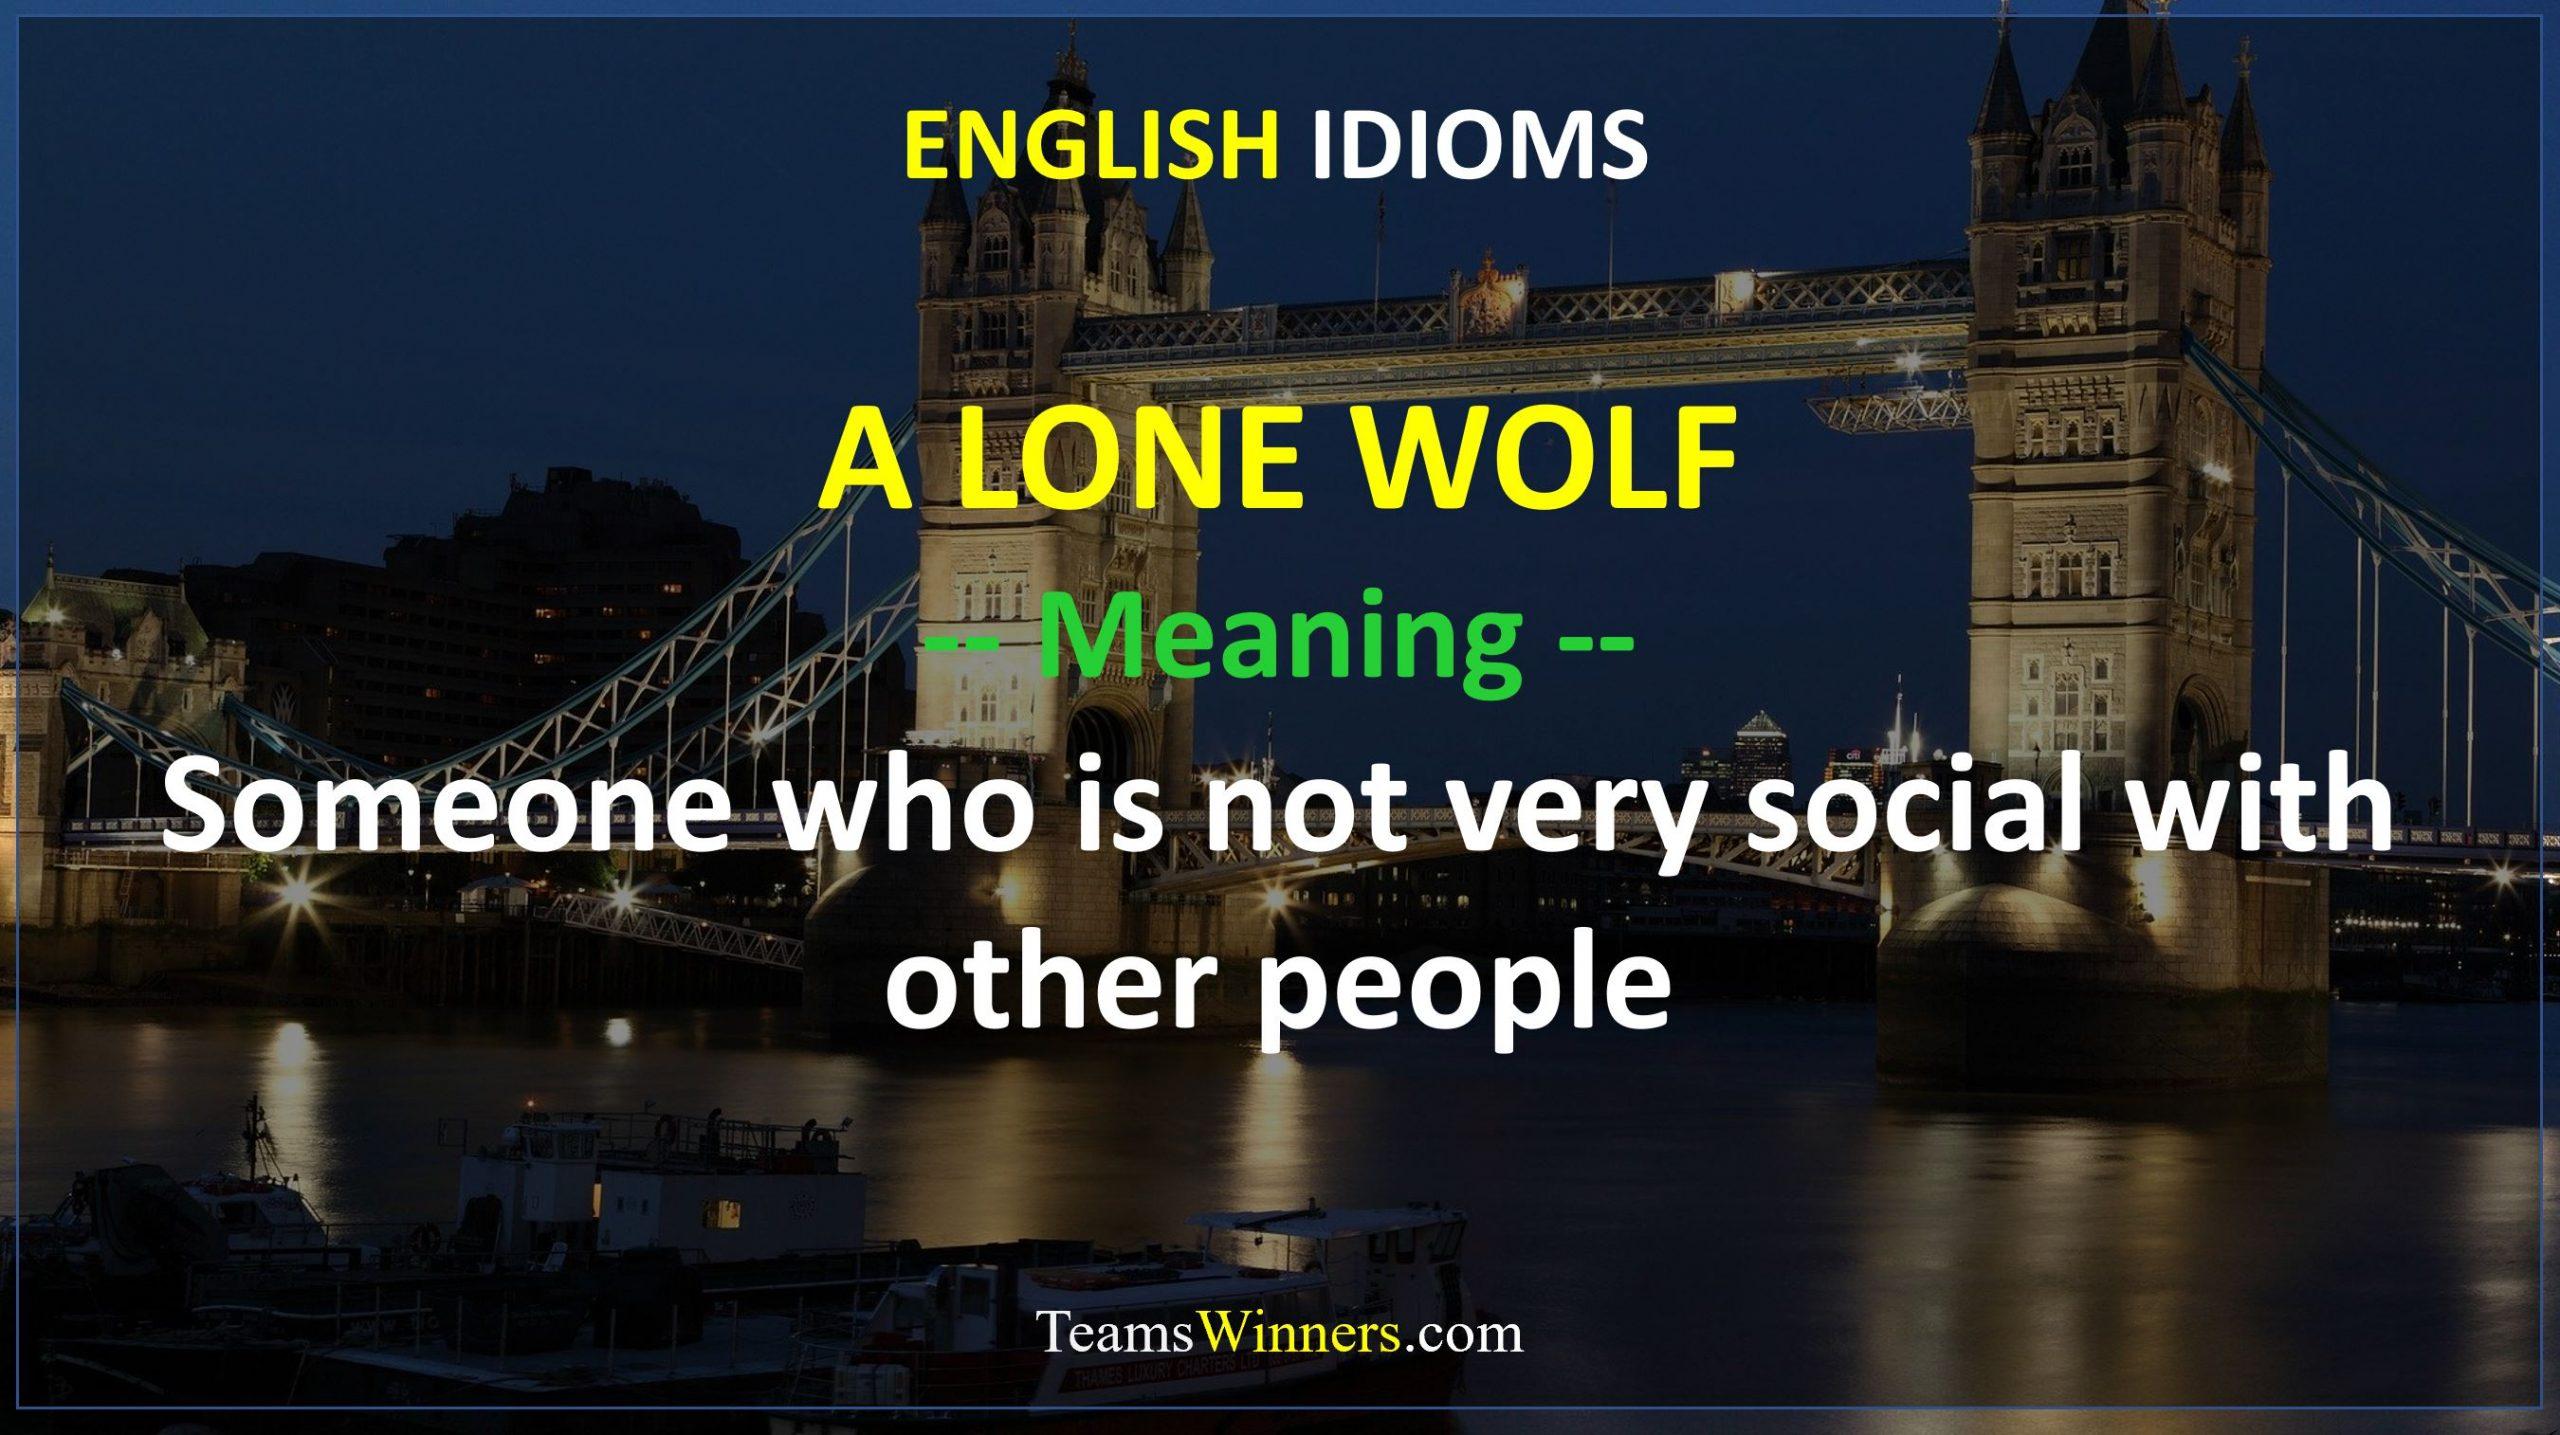 English Idiom - A Lone Wolf